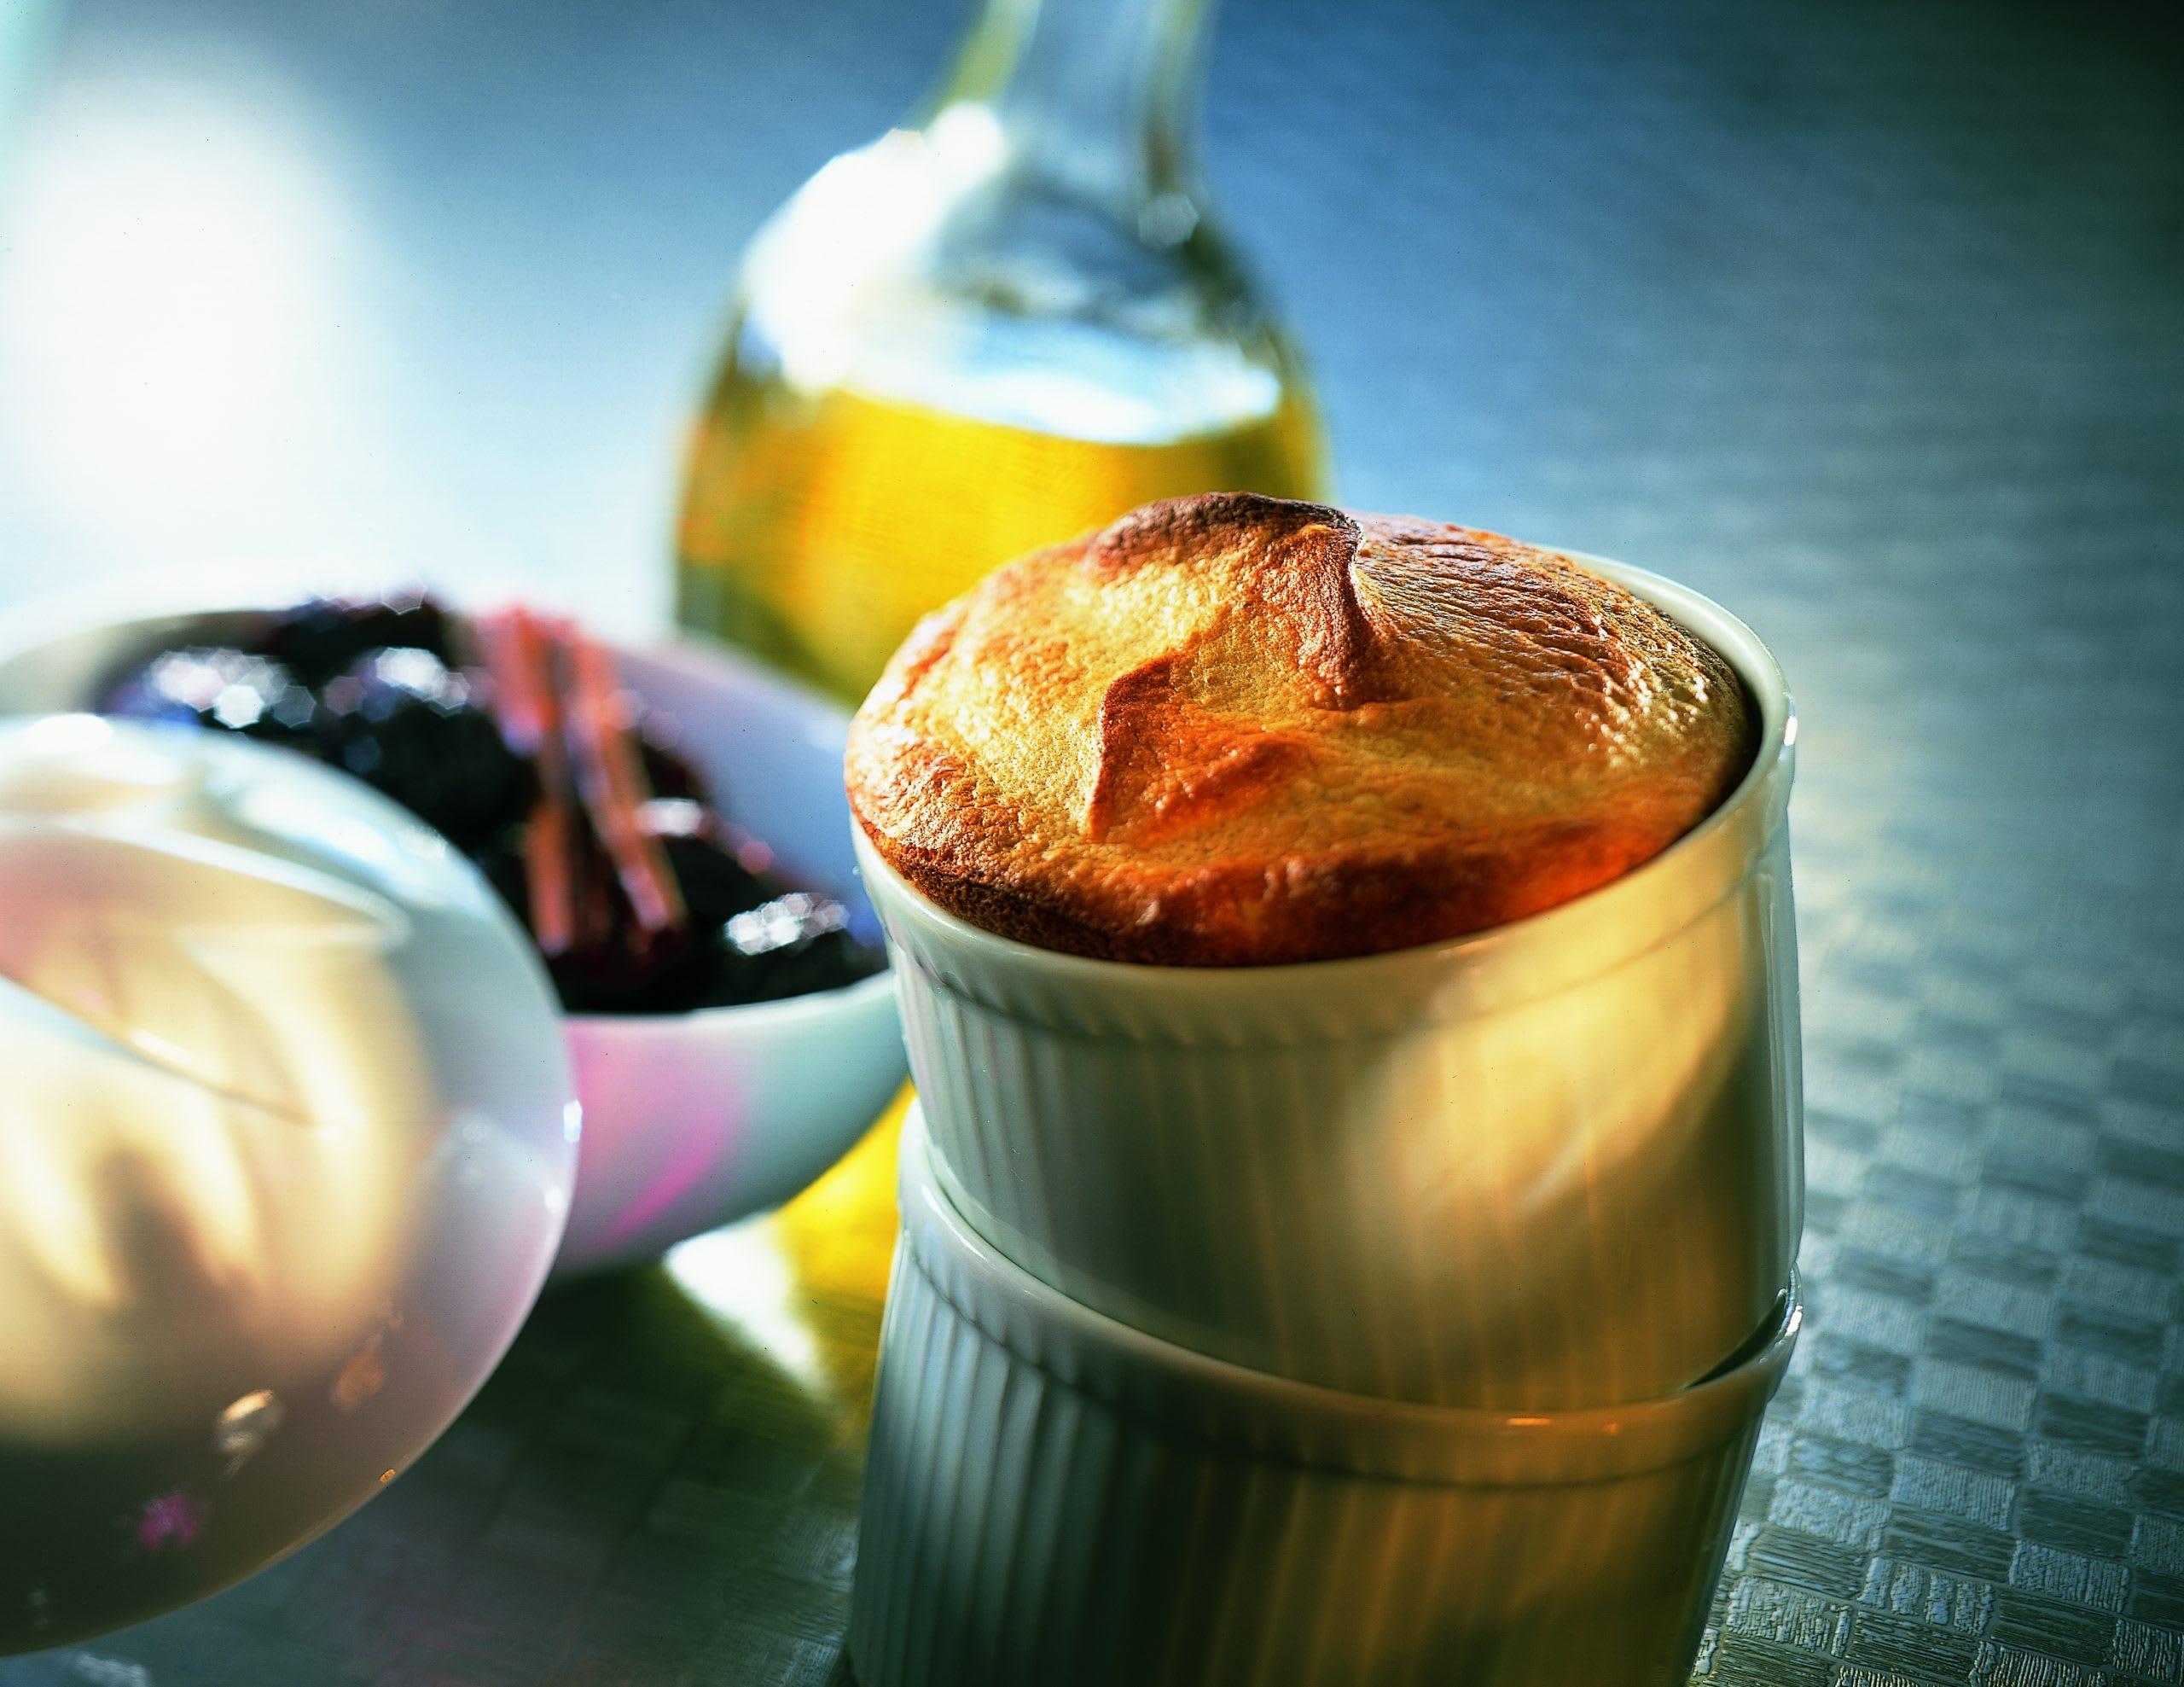 Soufflé de pomme de terre et pruneaux au vin chaud